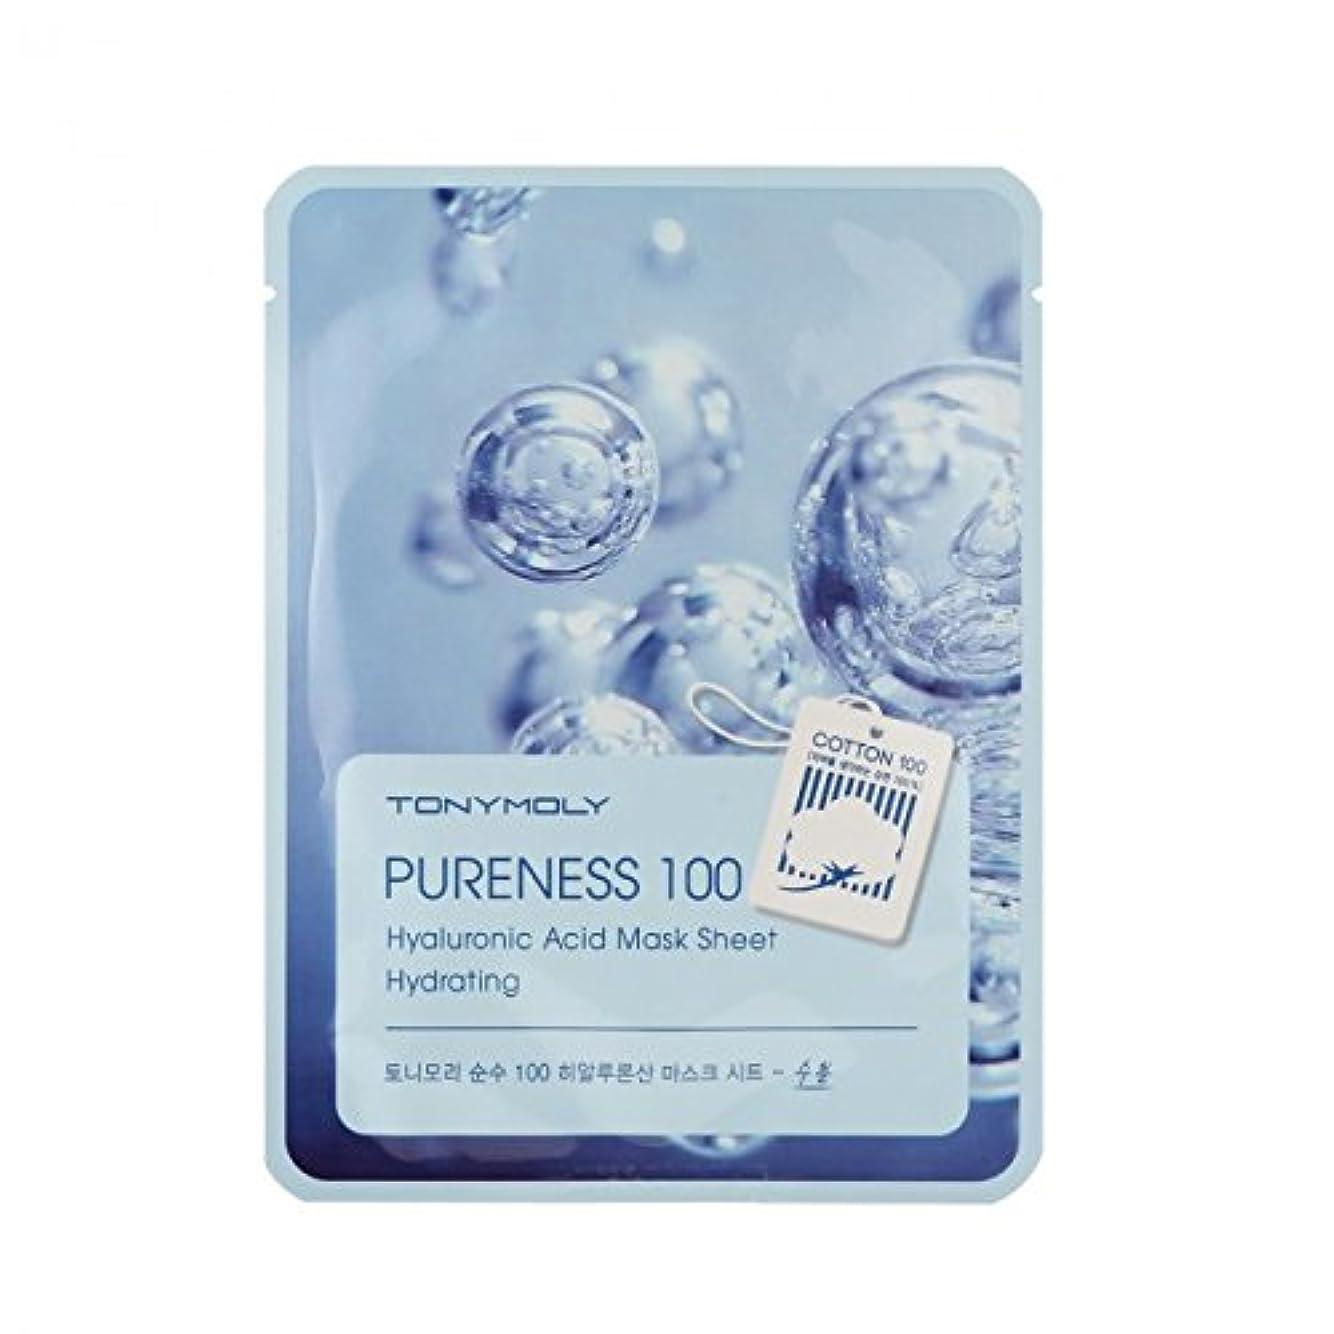 元気な蒸発する白内障(3 Pack) TONYMOLY Pureness 100 Hyaluronic Acid Mask Sheet Hydrating (並行輸入品)